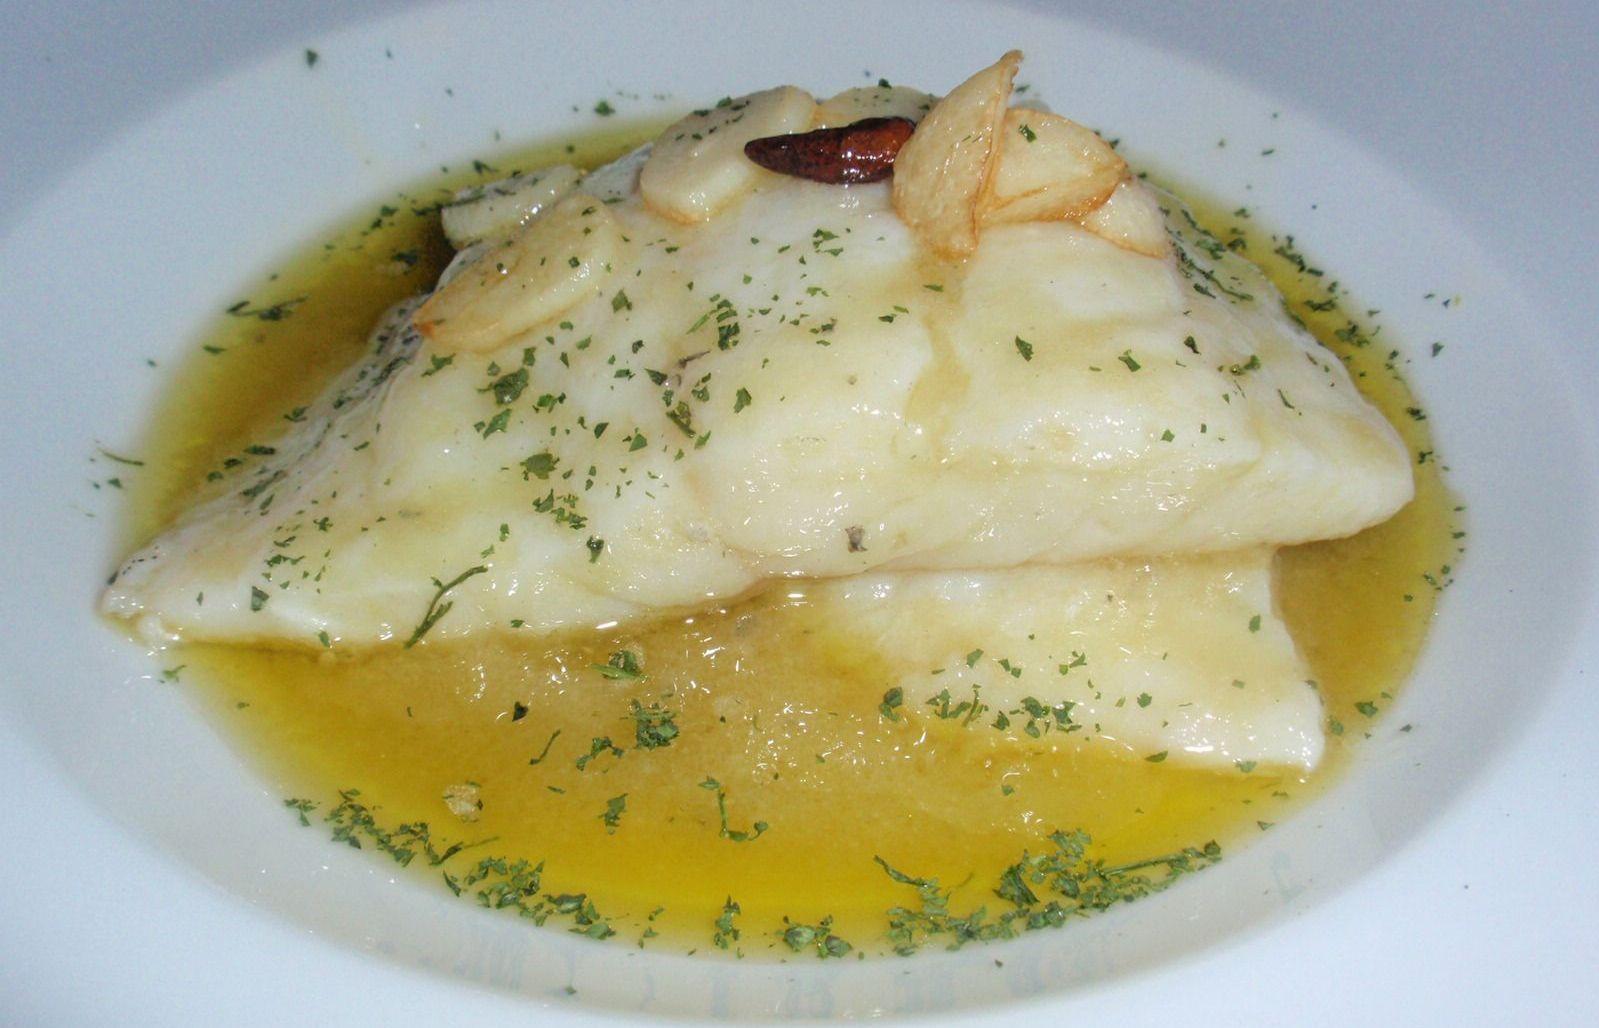 La receta del plato de bacalao al pil pil es un plato tradicional de la gastronomía española y fácil de preparar.